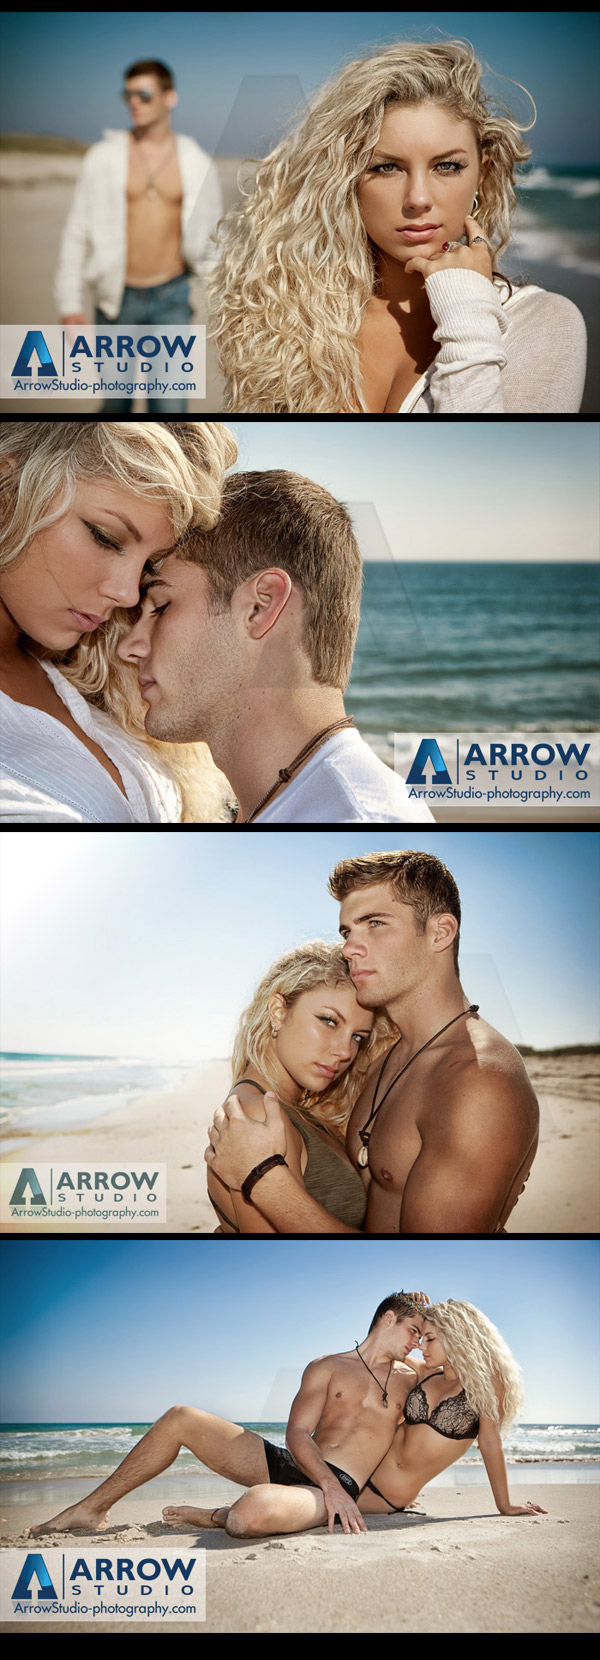 Florida Dec 14, 2010 Arrow Studio